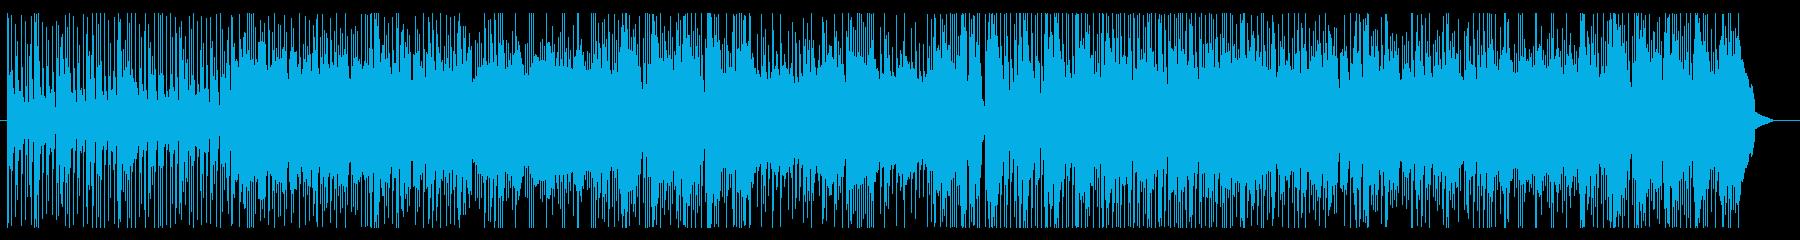 疾走感ある三味線ロックの再生済みの波形